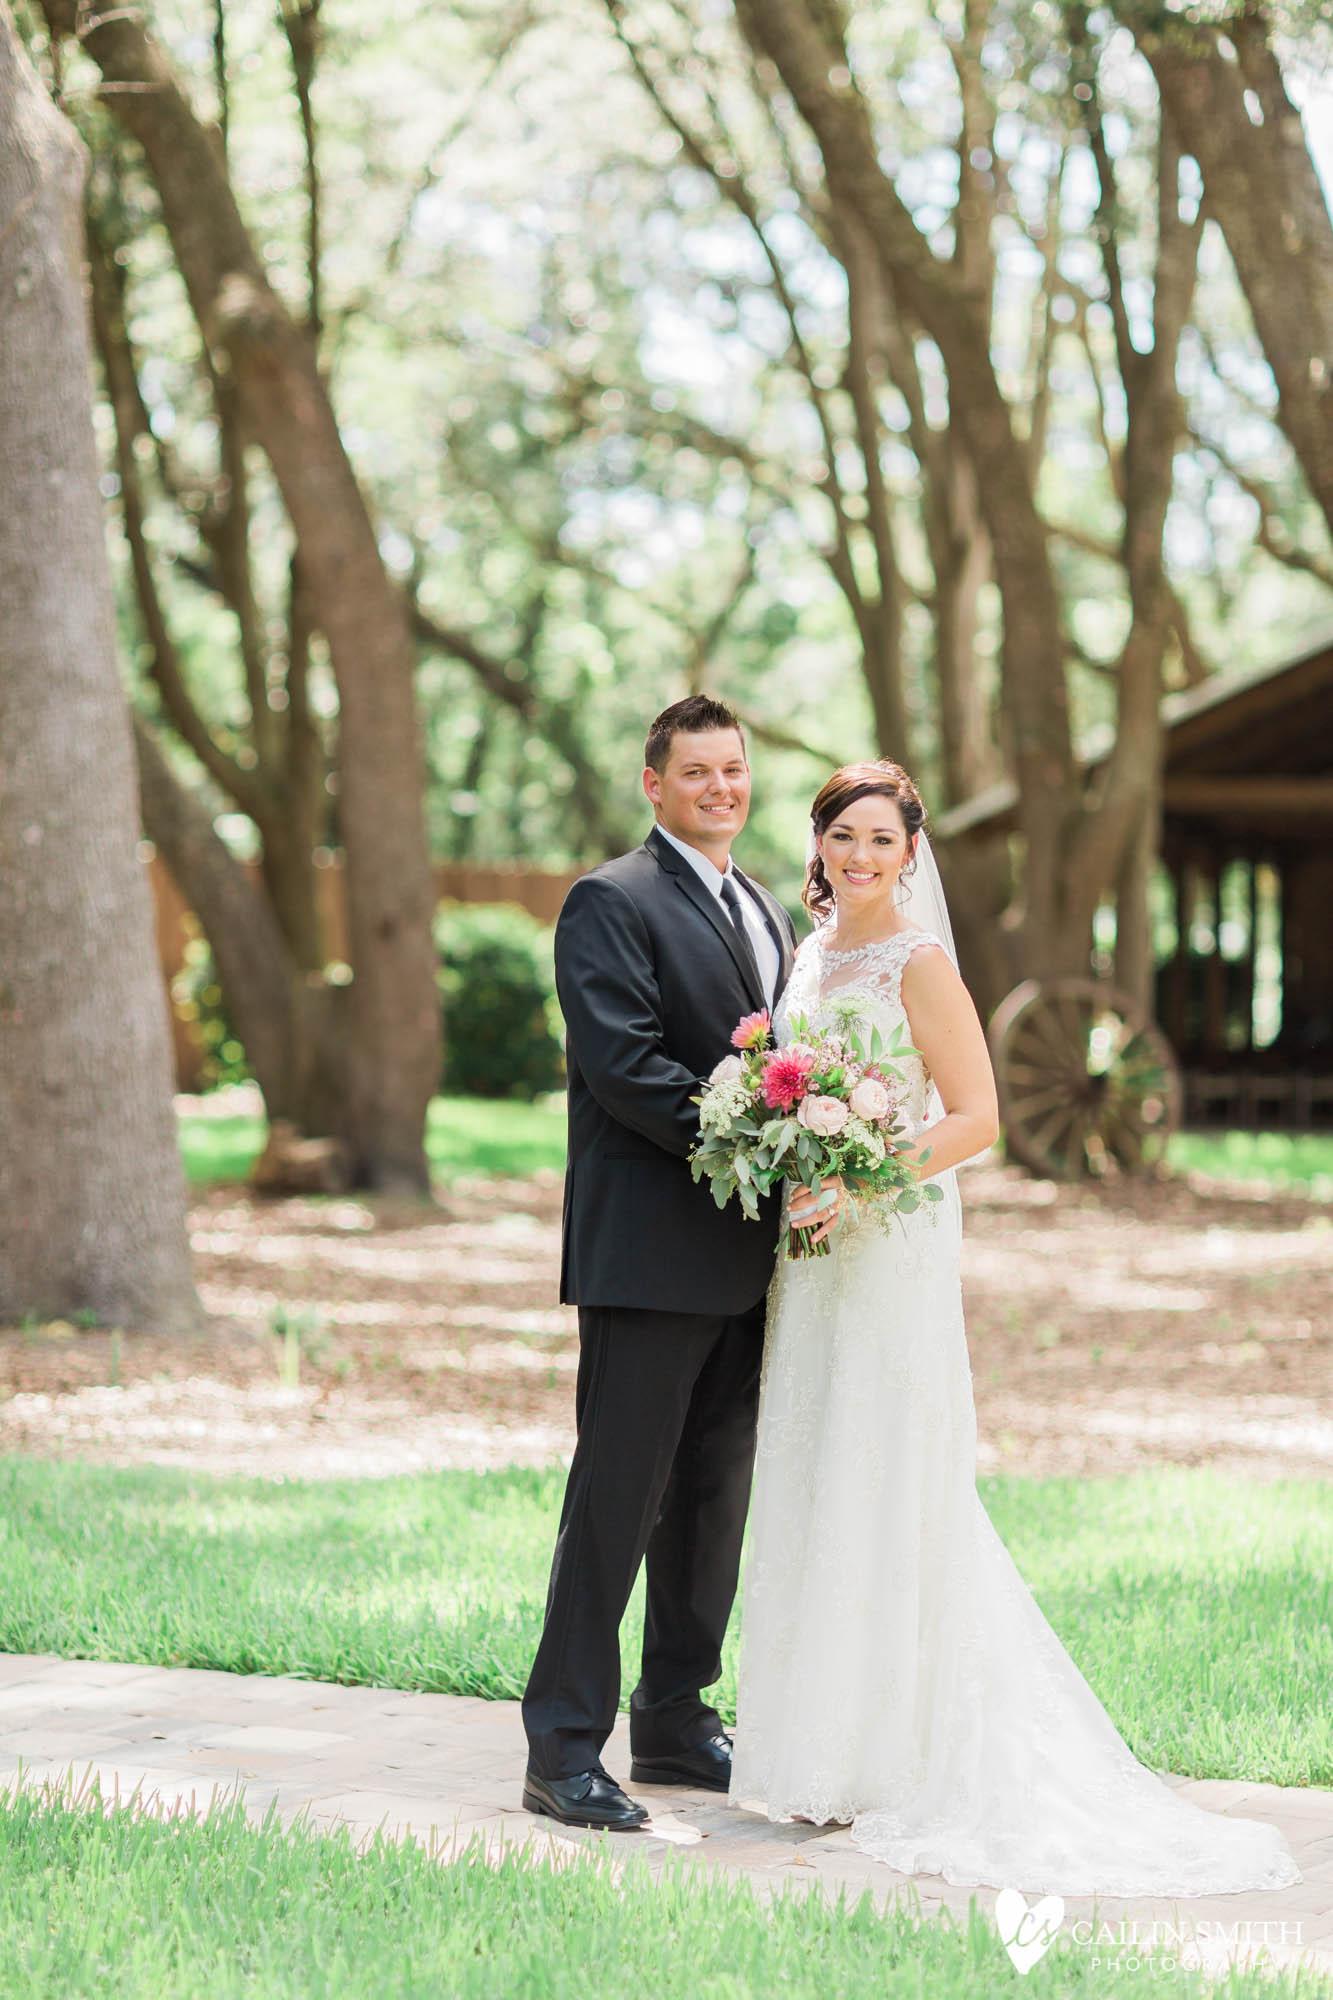 Bethany_Kyle_Bowing_Oaks_Plantation_Wedding_Photography_0036.jpg